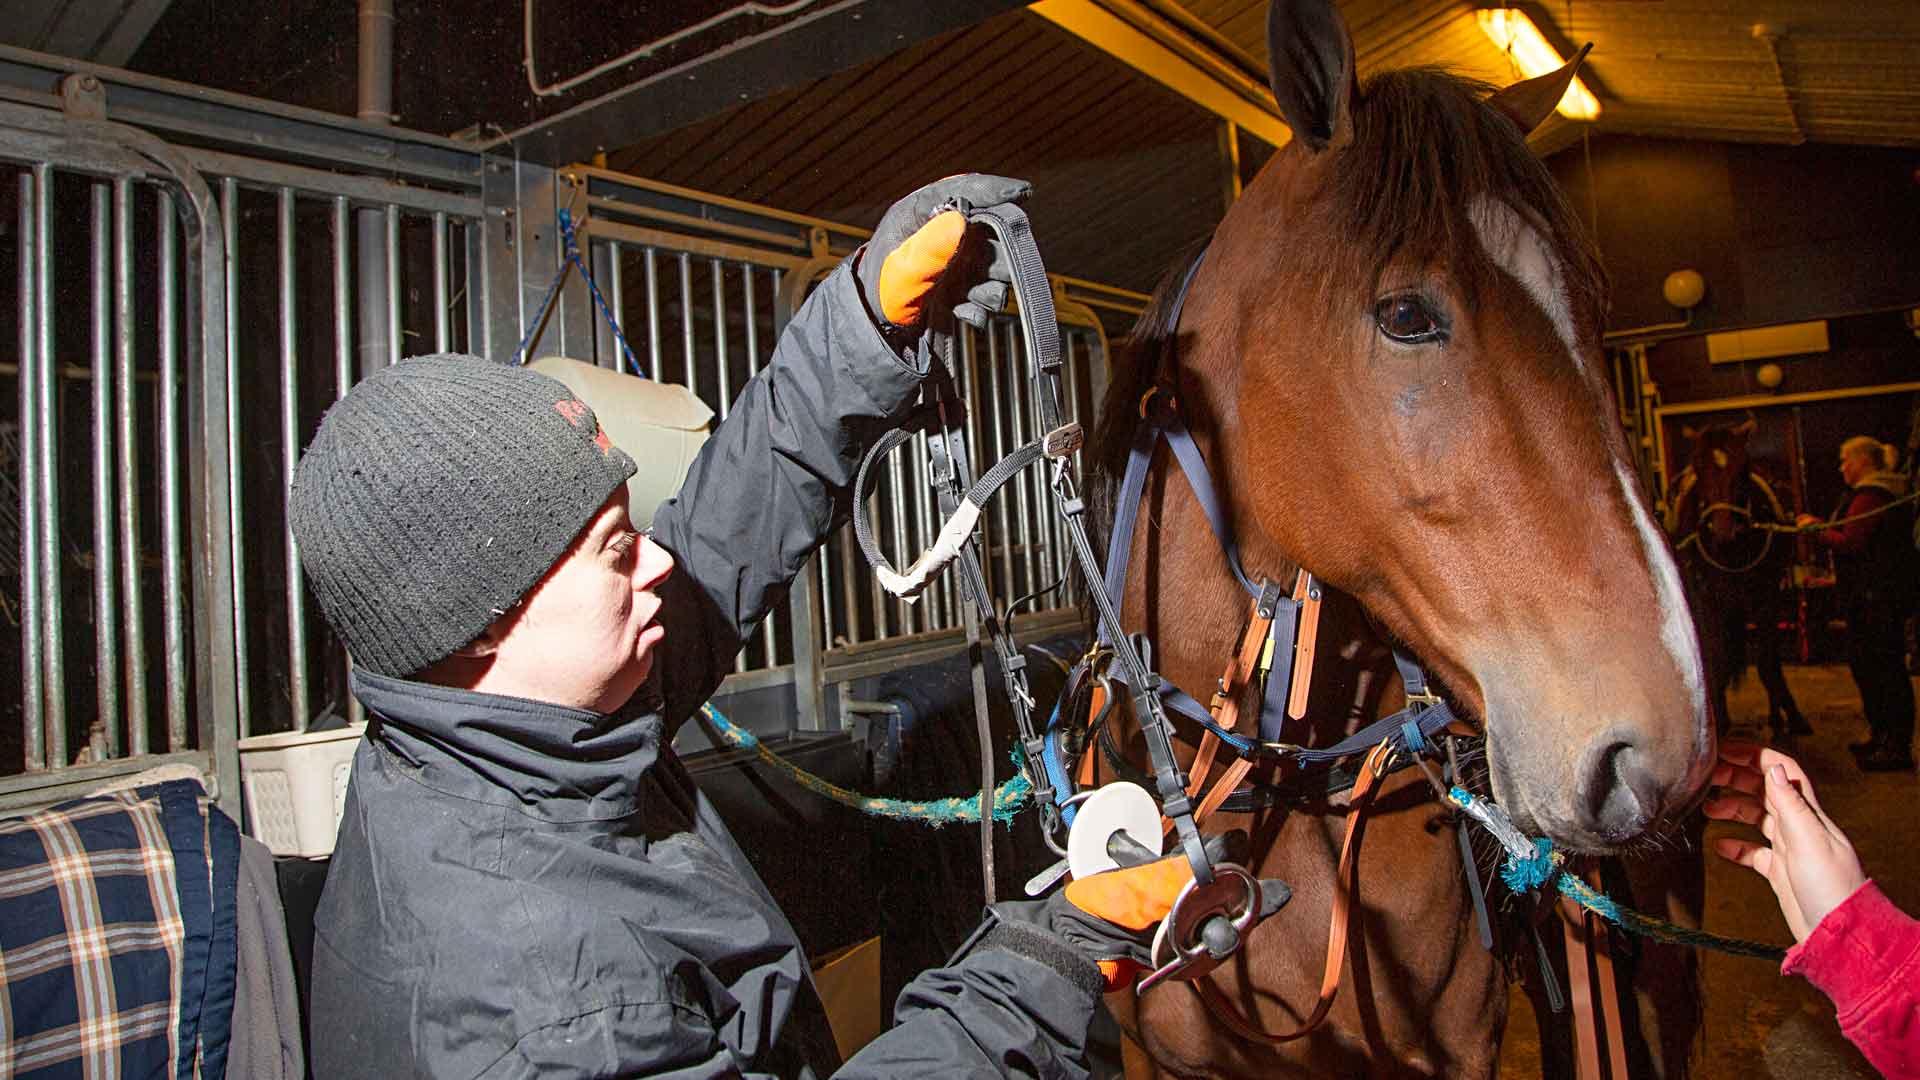 Päivätoiminnan asiakkaat auttavat tallitöissä ja hoitavat hevosia hevosammattilaisten ohjeiden mukaan. Miska lämmittää treeniin menevän hevosen kuolaimia.